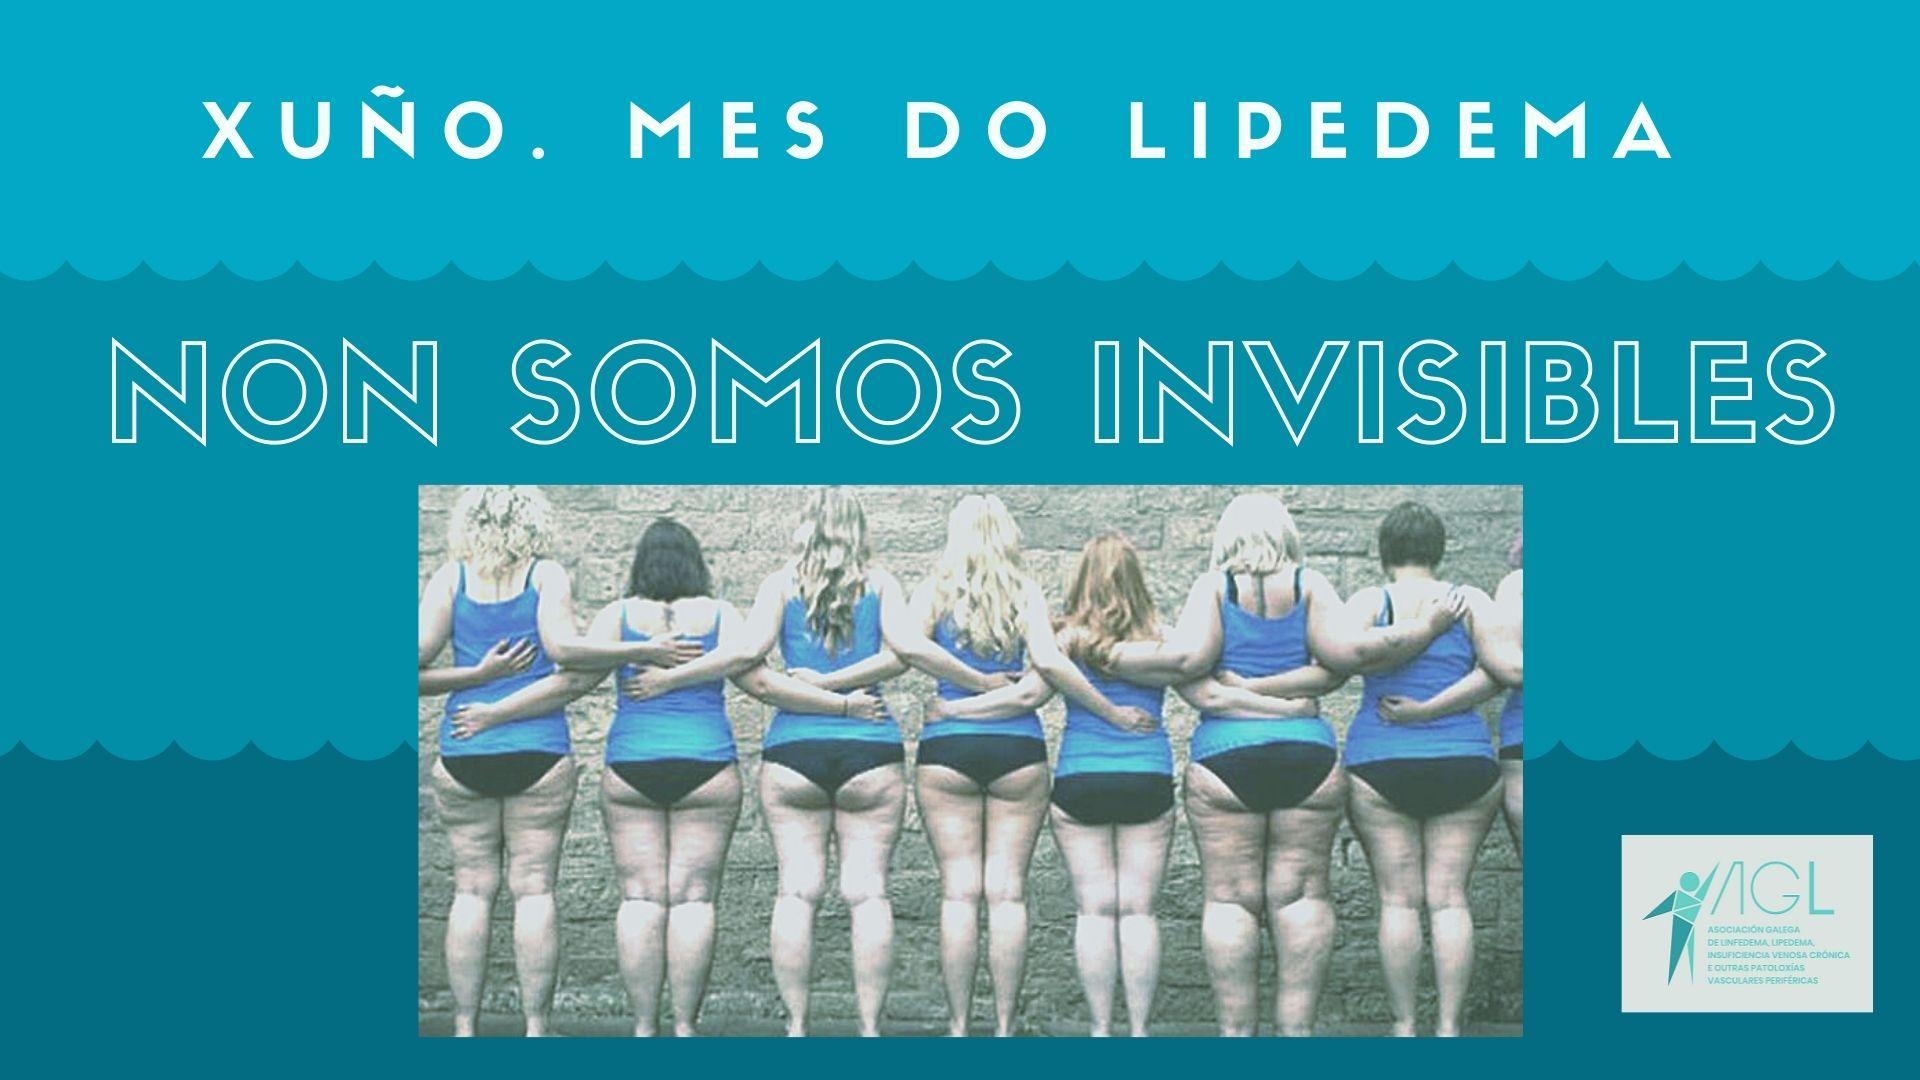 MES MUNDIAL DO LIPEDEMA (MES DE XUÑO)